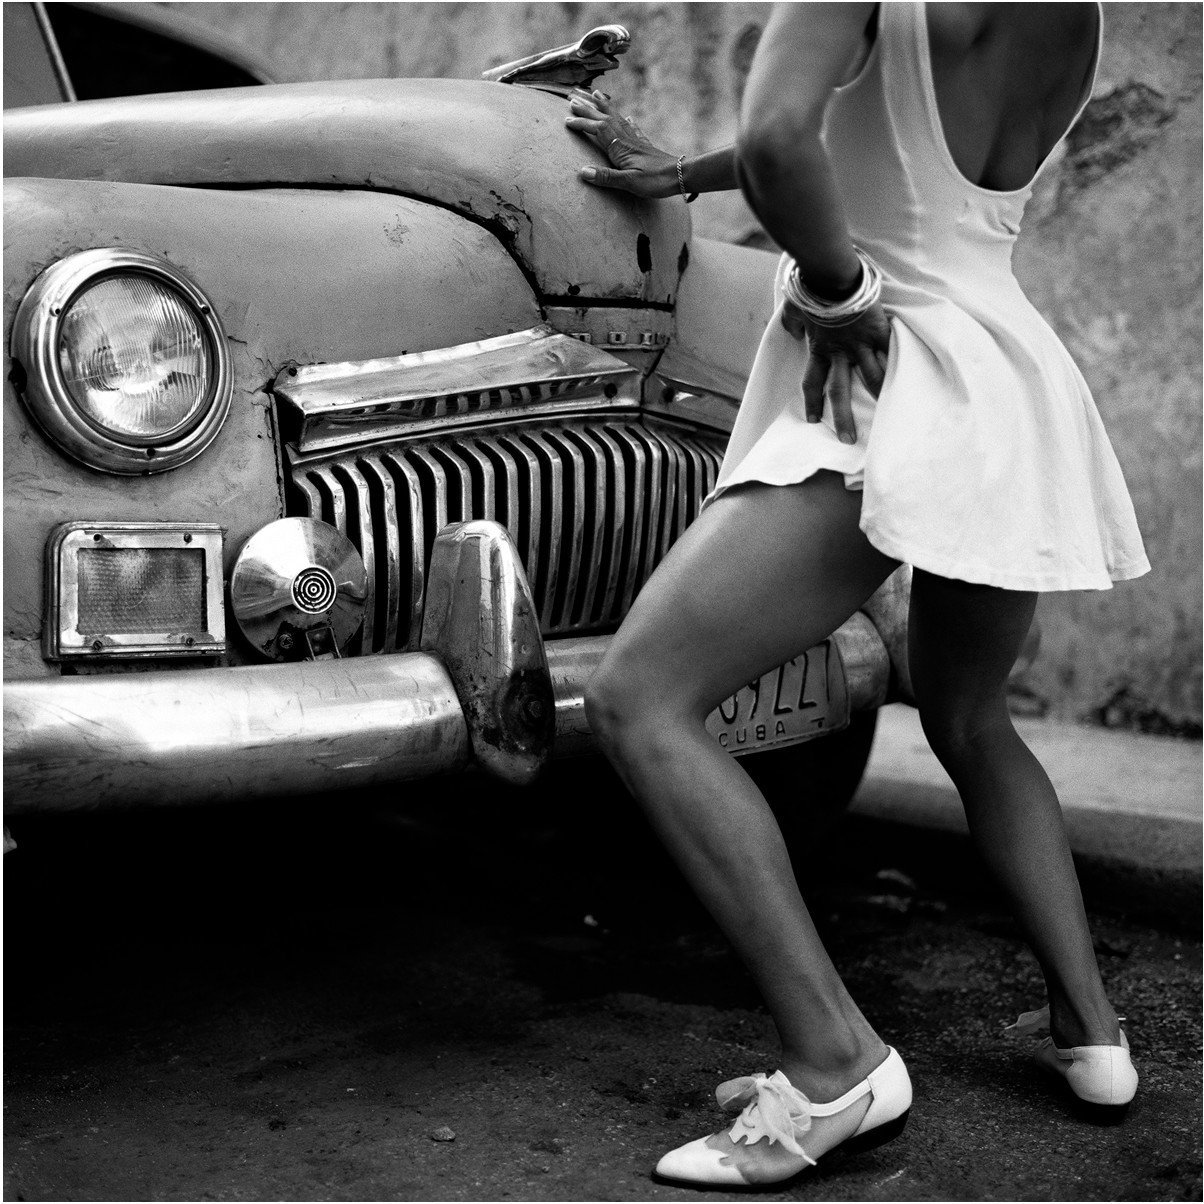 Из фотопроекта «Кубинский танец, 1995». Автор Изабель Муньос (4)